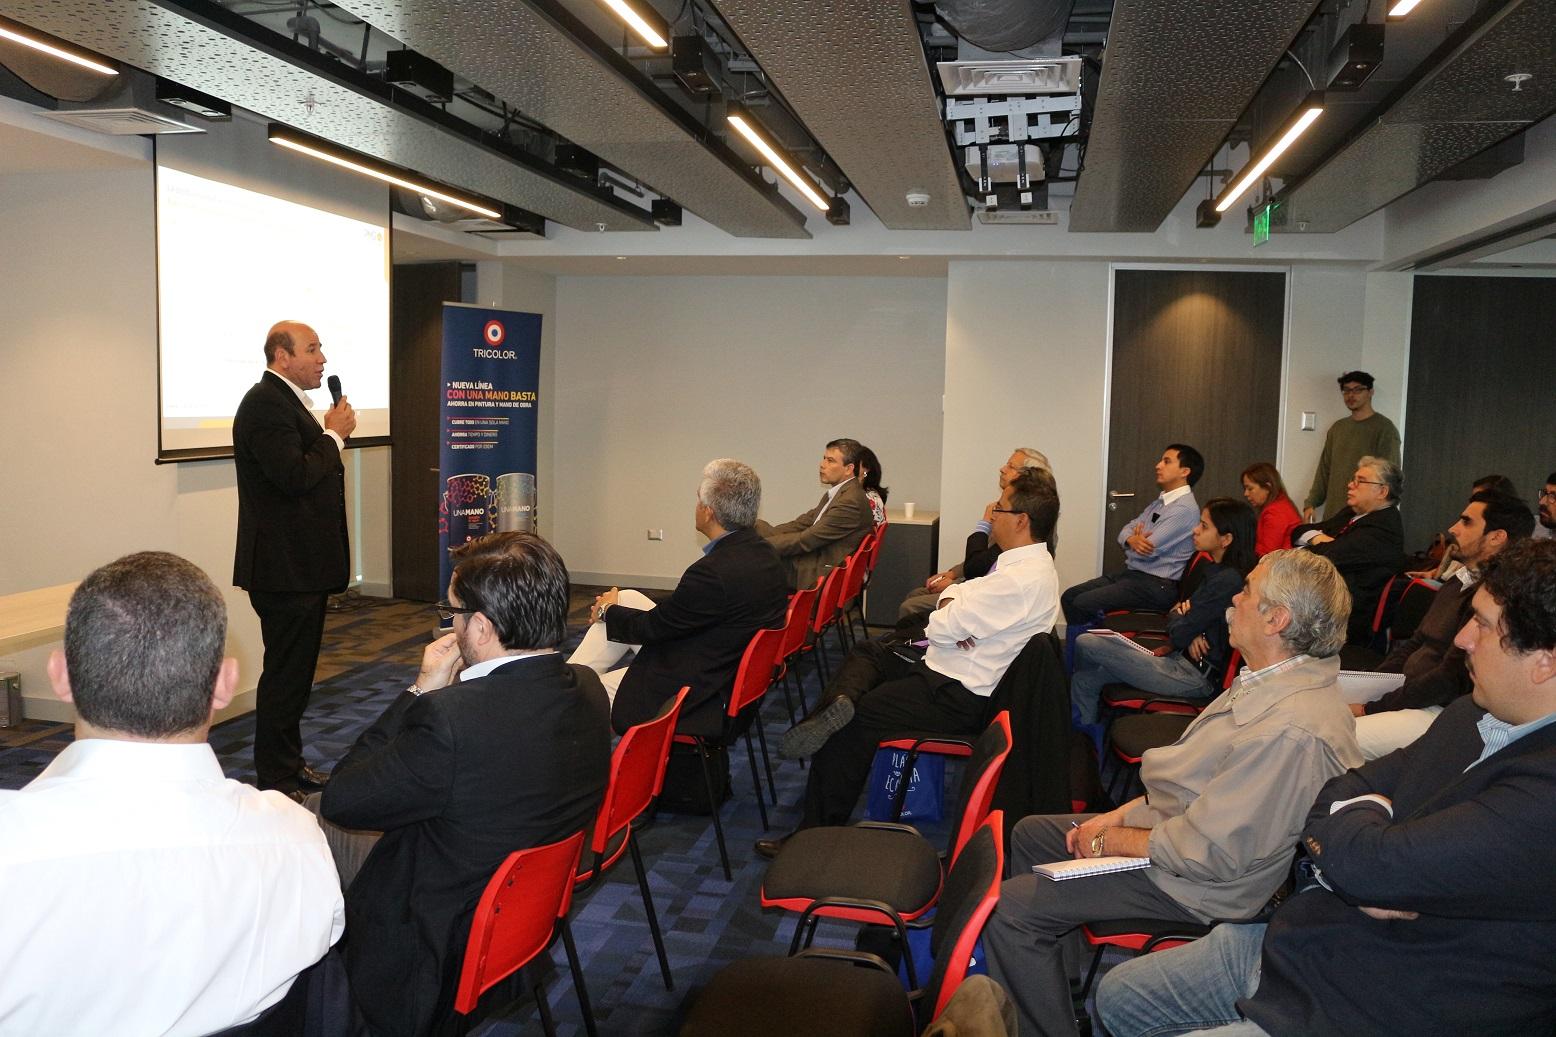 Socio Director De PMG Expone Sobre Productividad En Construcción En Lanzamiento De Nueva Línea De Tricolor